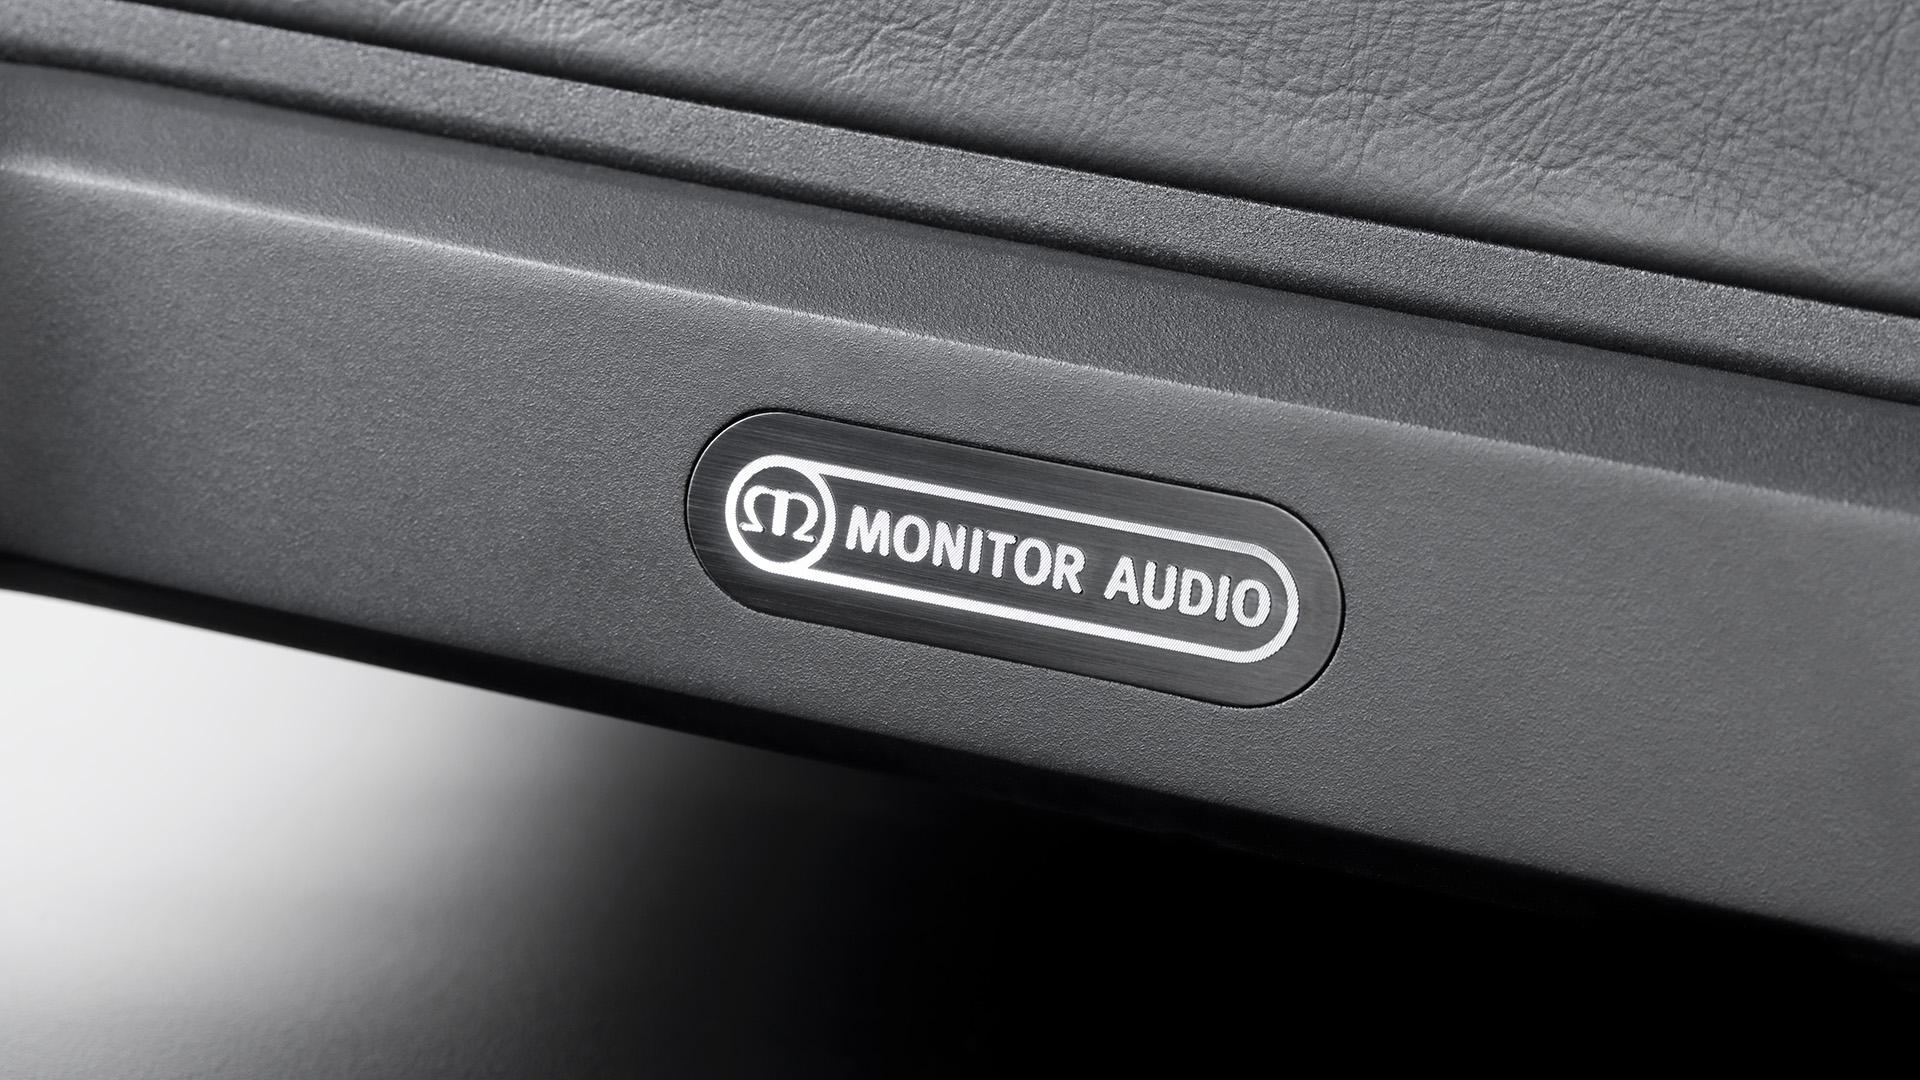 Monitor Audio – ПРОДУКТ с Большой Буквы